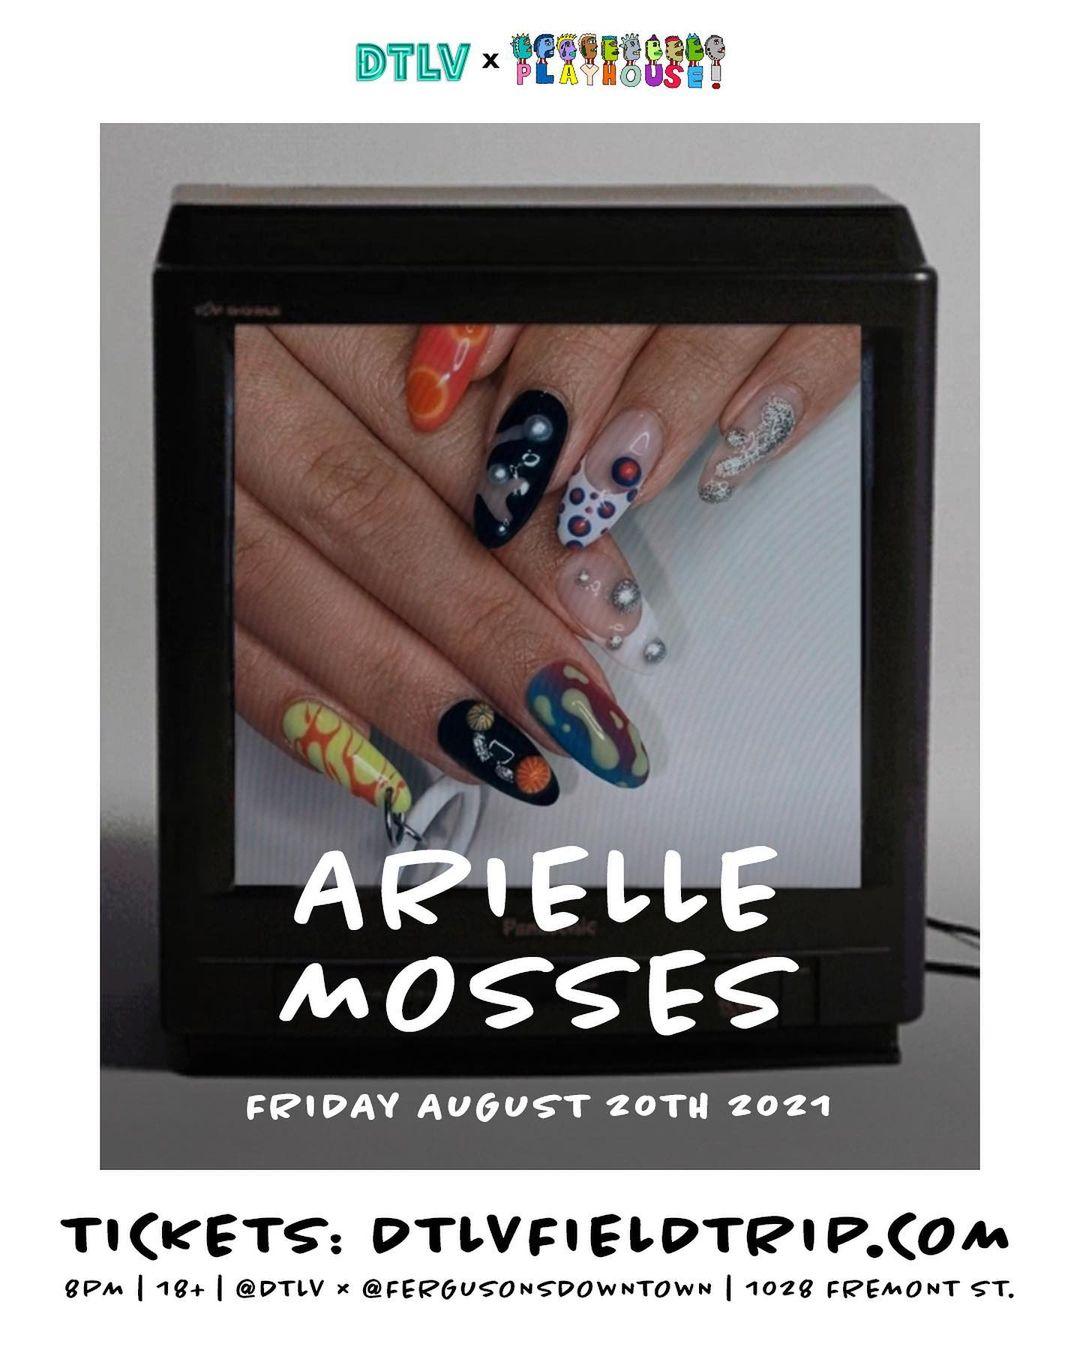 Arielle Mosses dtlv